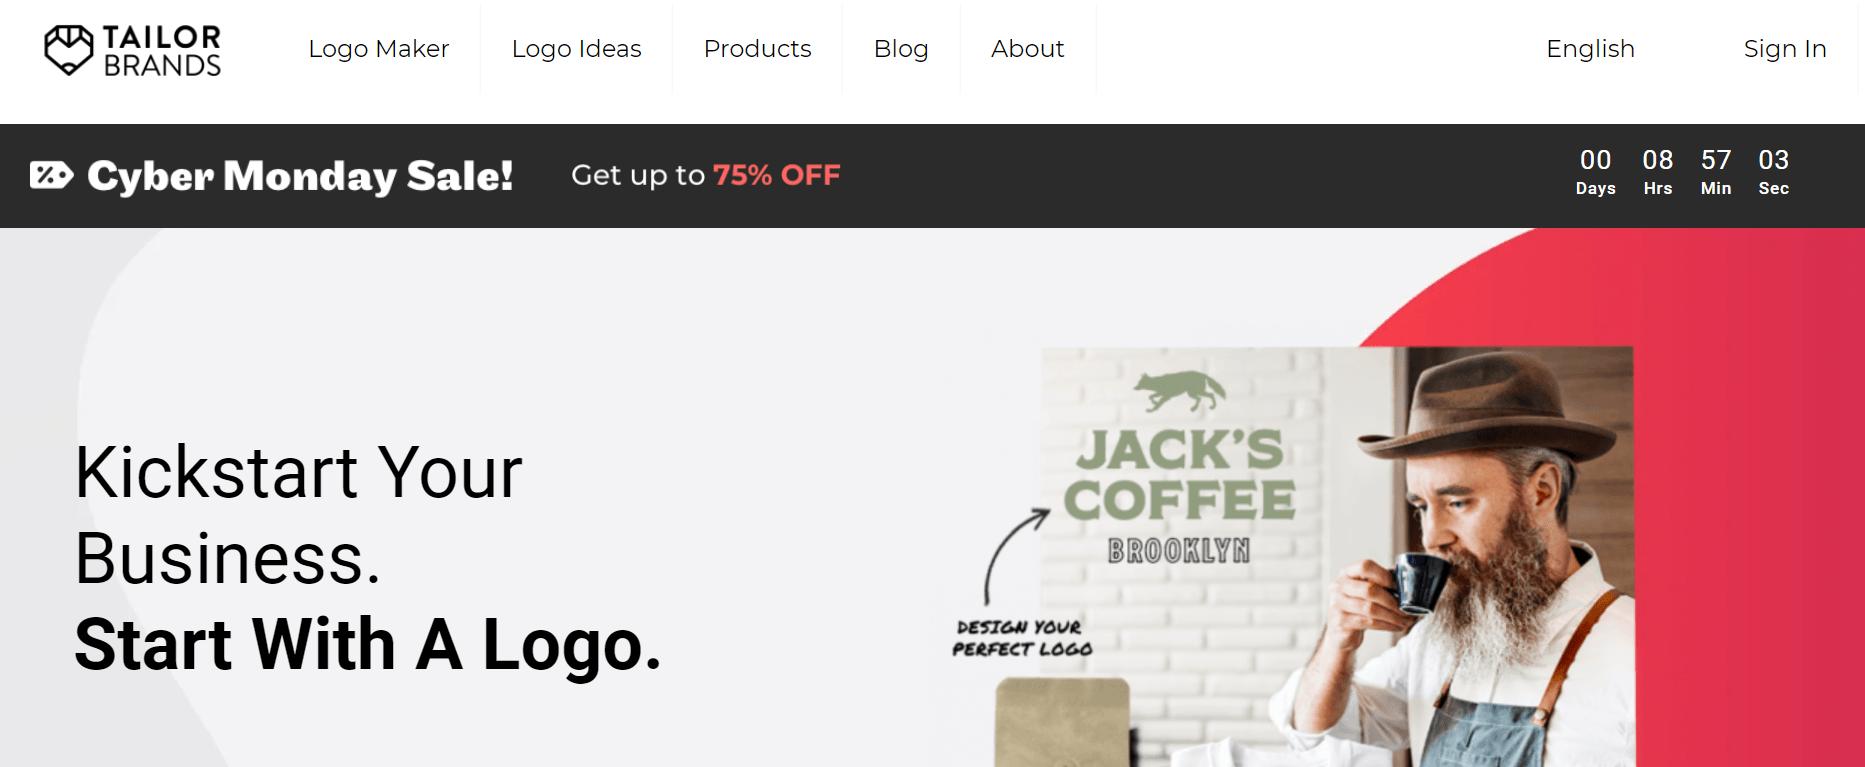 tailor brands review- Best Logo Design Websites